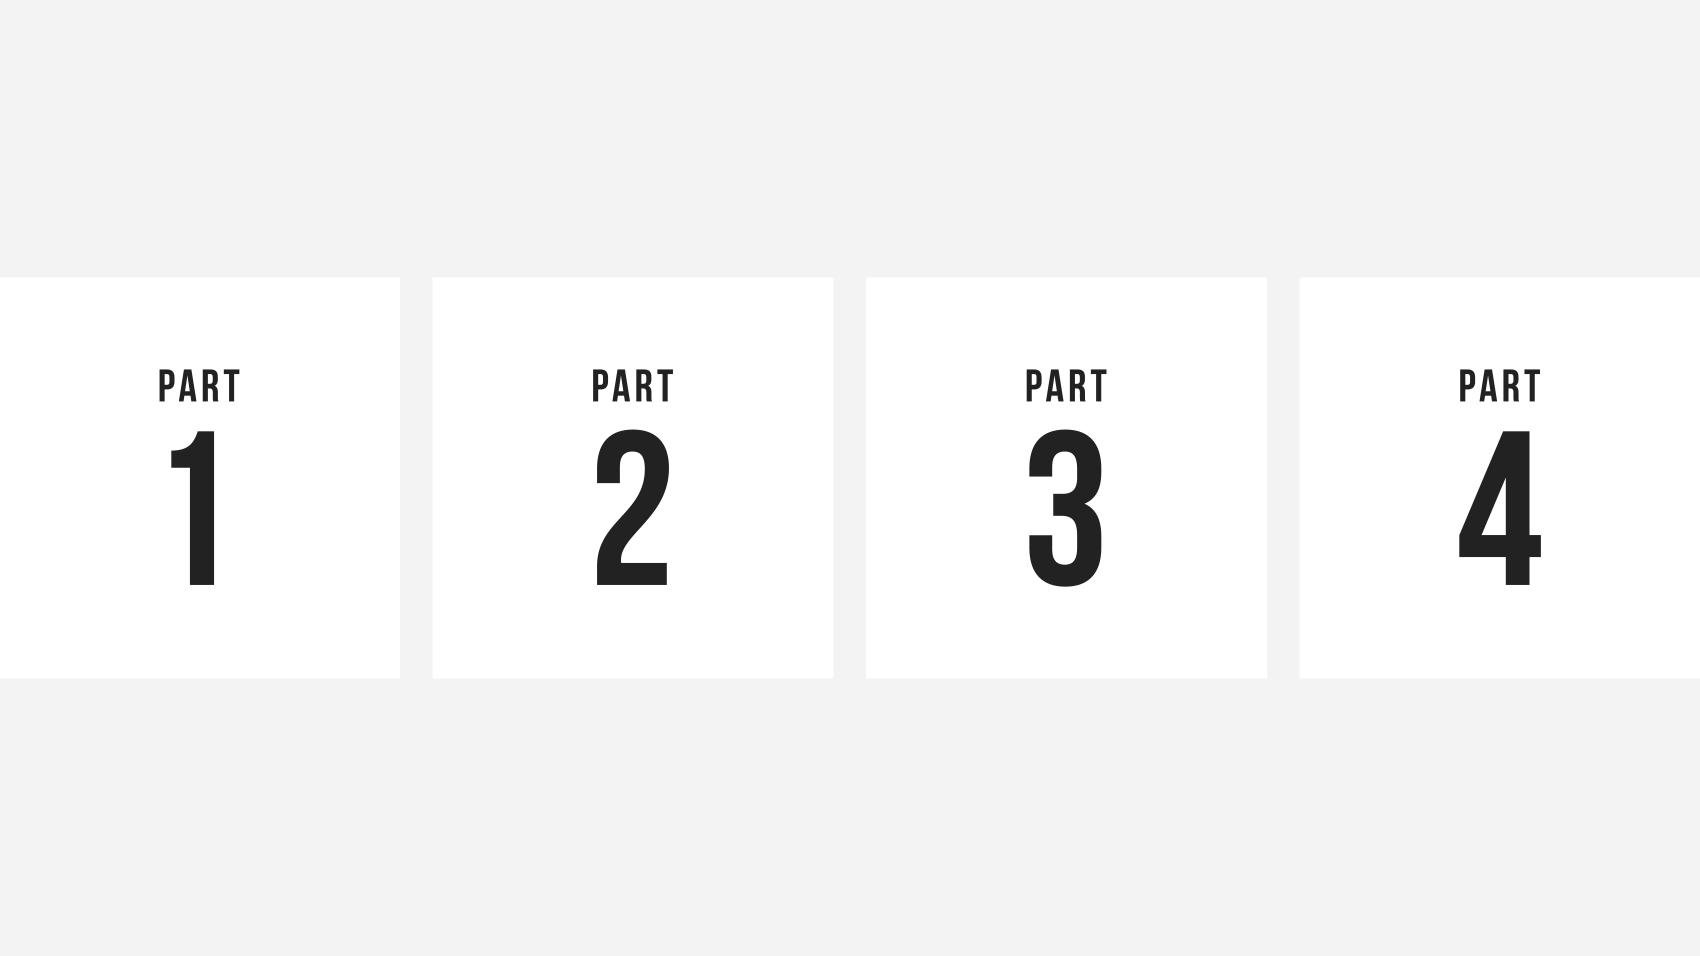 バリエーション1. 数字の上に配置